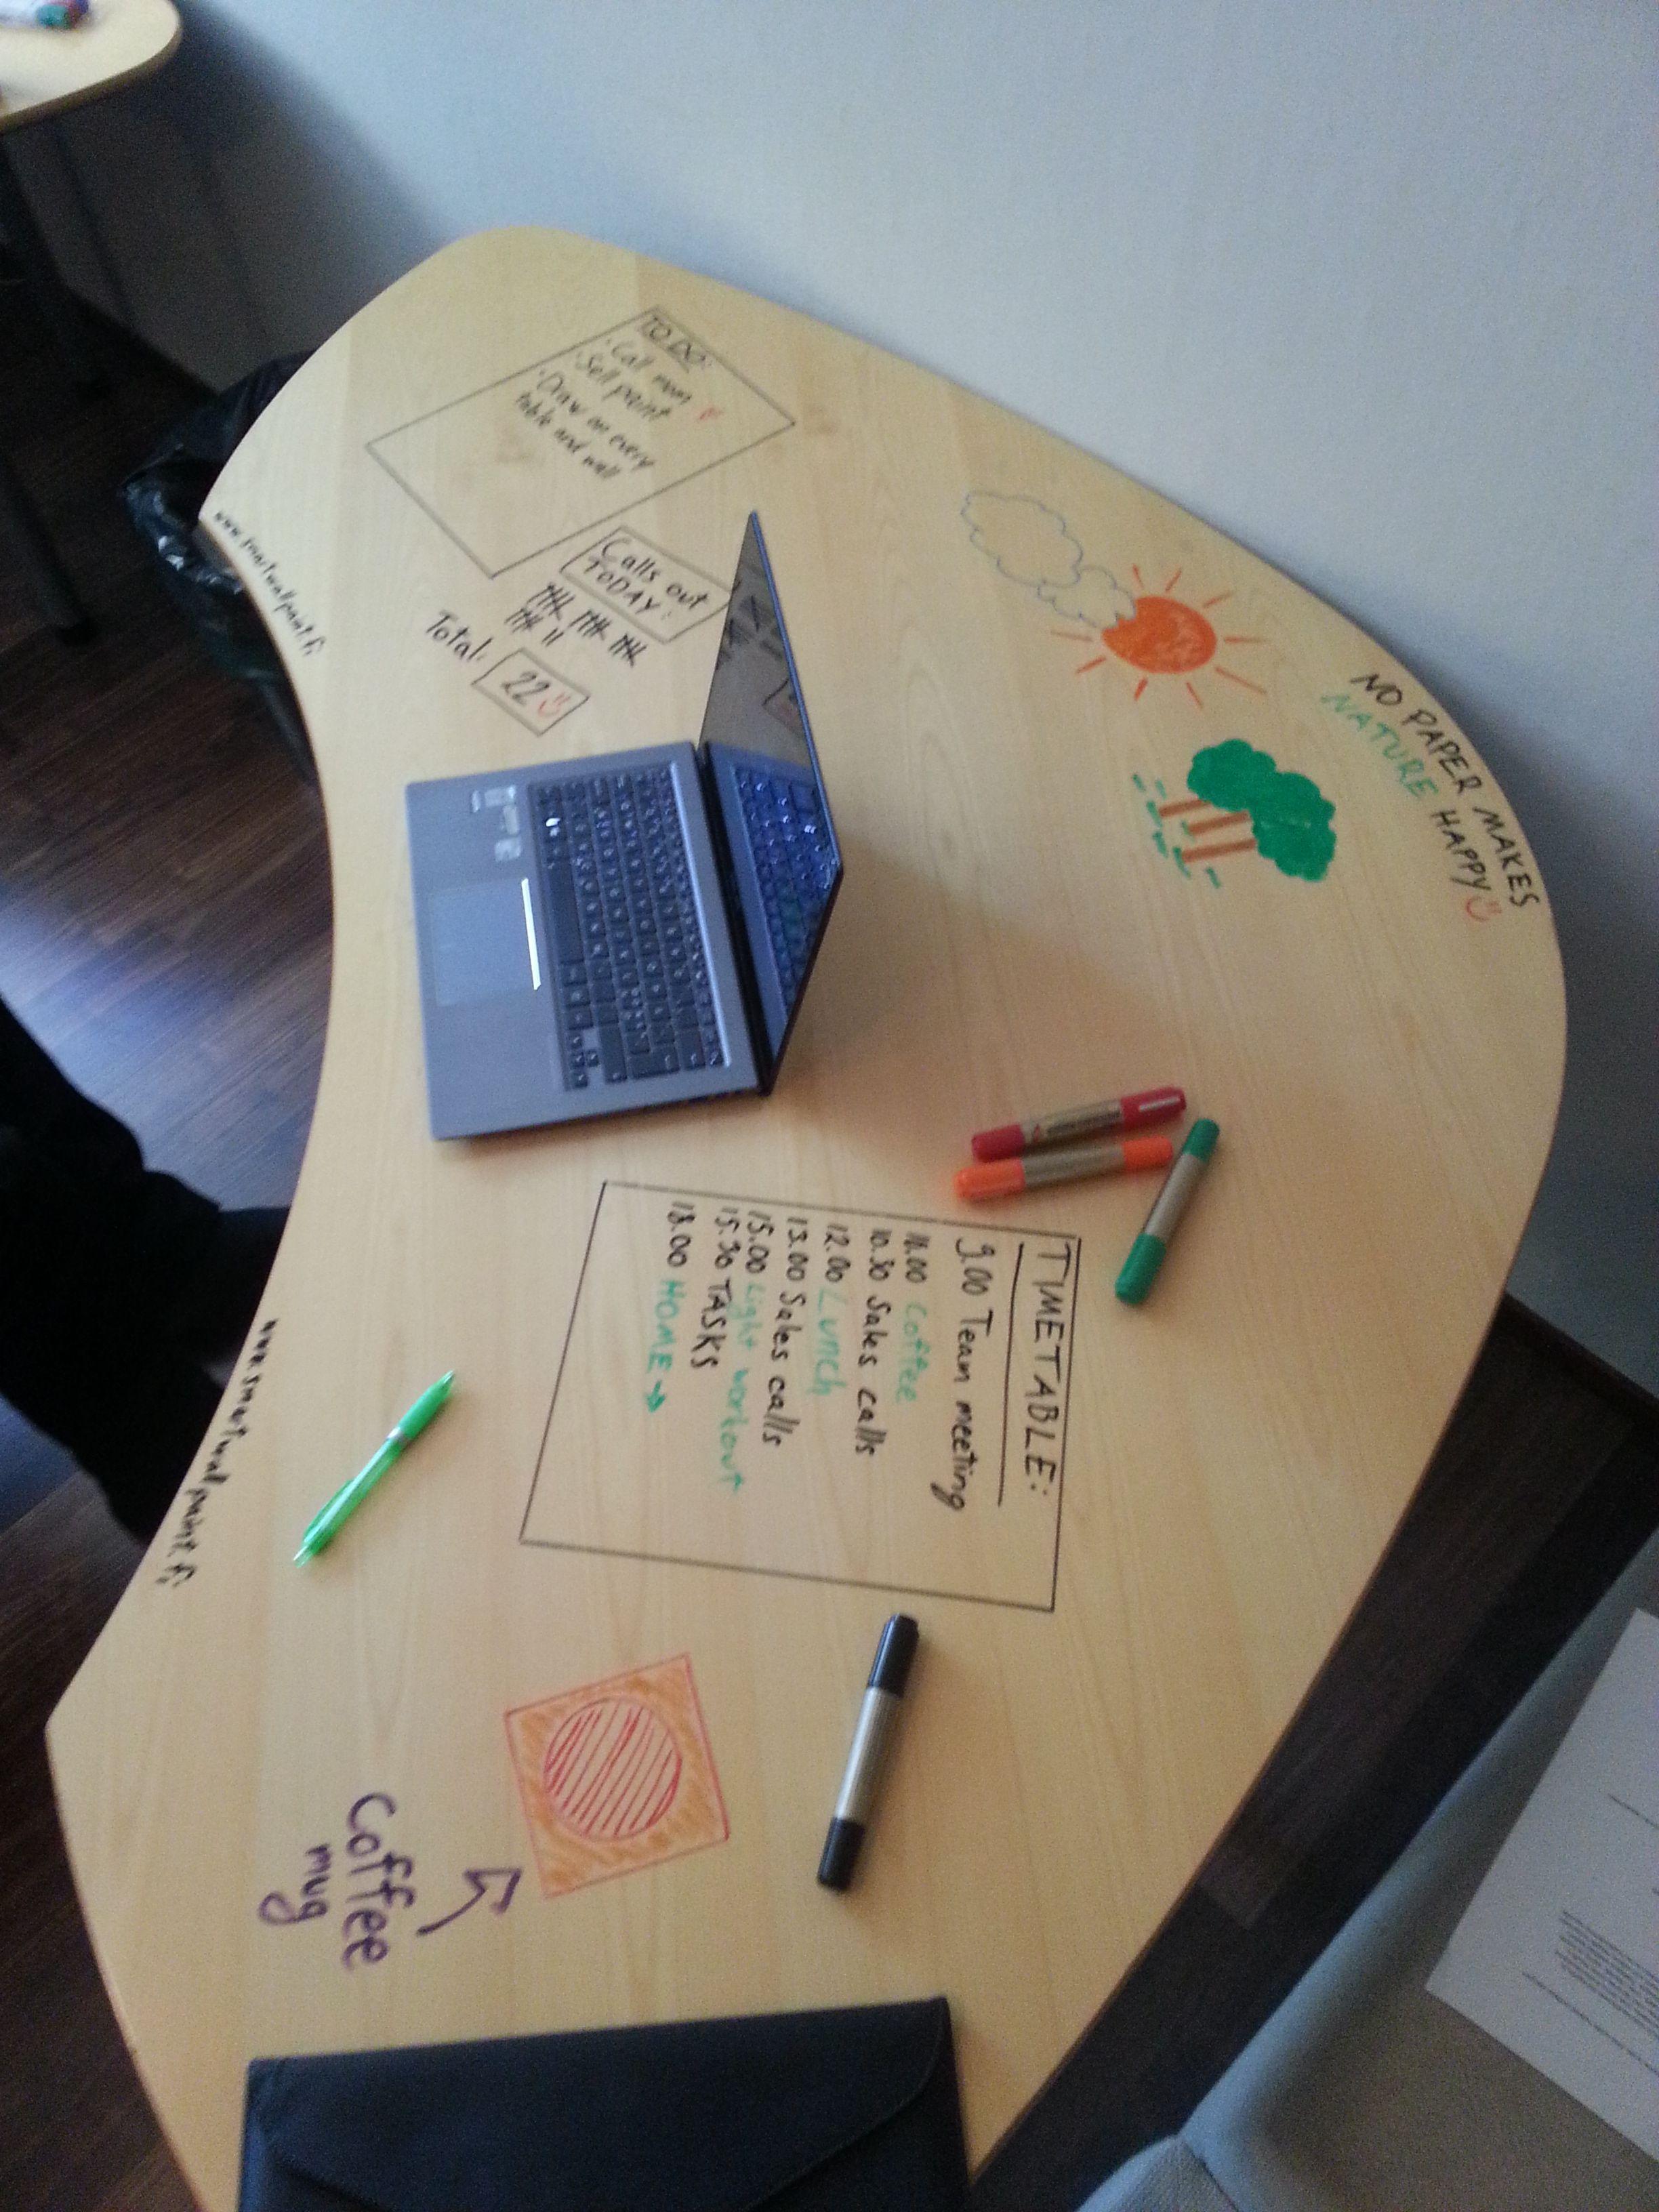 Päällystimme toimistolla Martelan pöytiä läpinäkyvällä Smart Wall Paintilla. Lopputulos on huikea!